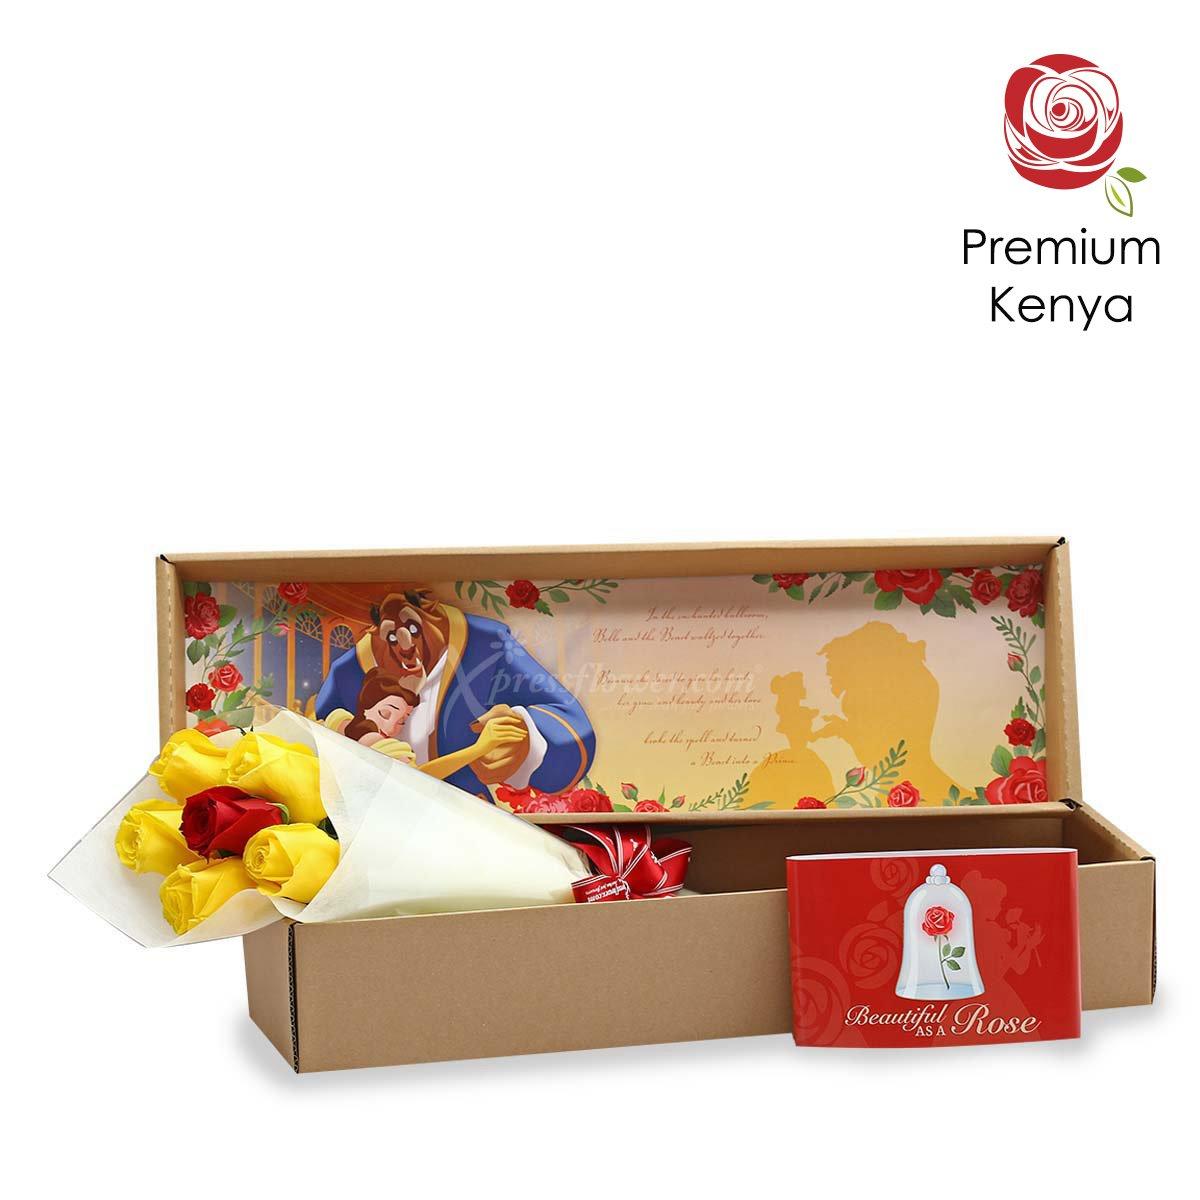 dsbx1903-forbidden-amour-disney-box17703ea9350a62b6a920ff0000e4902b